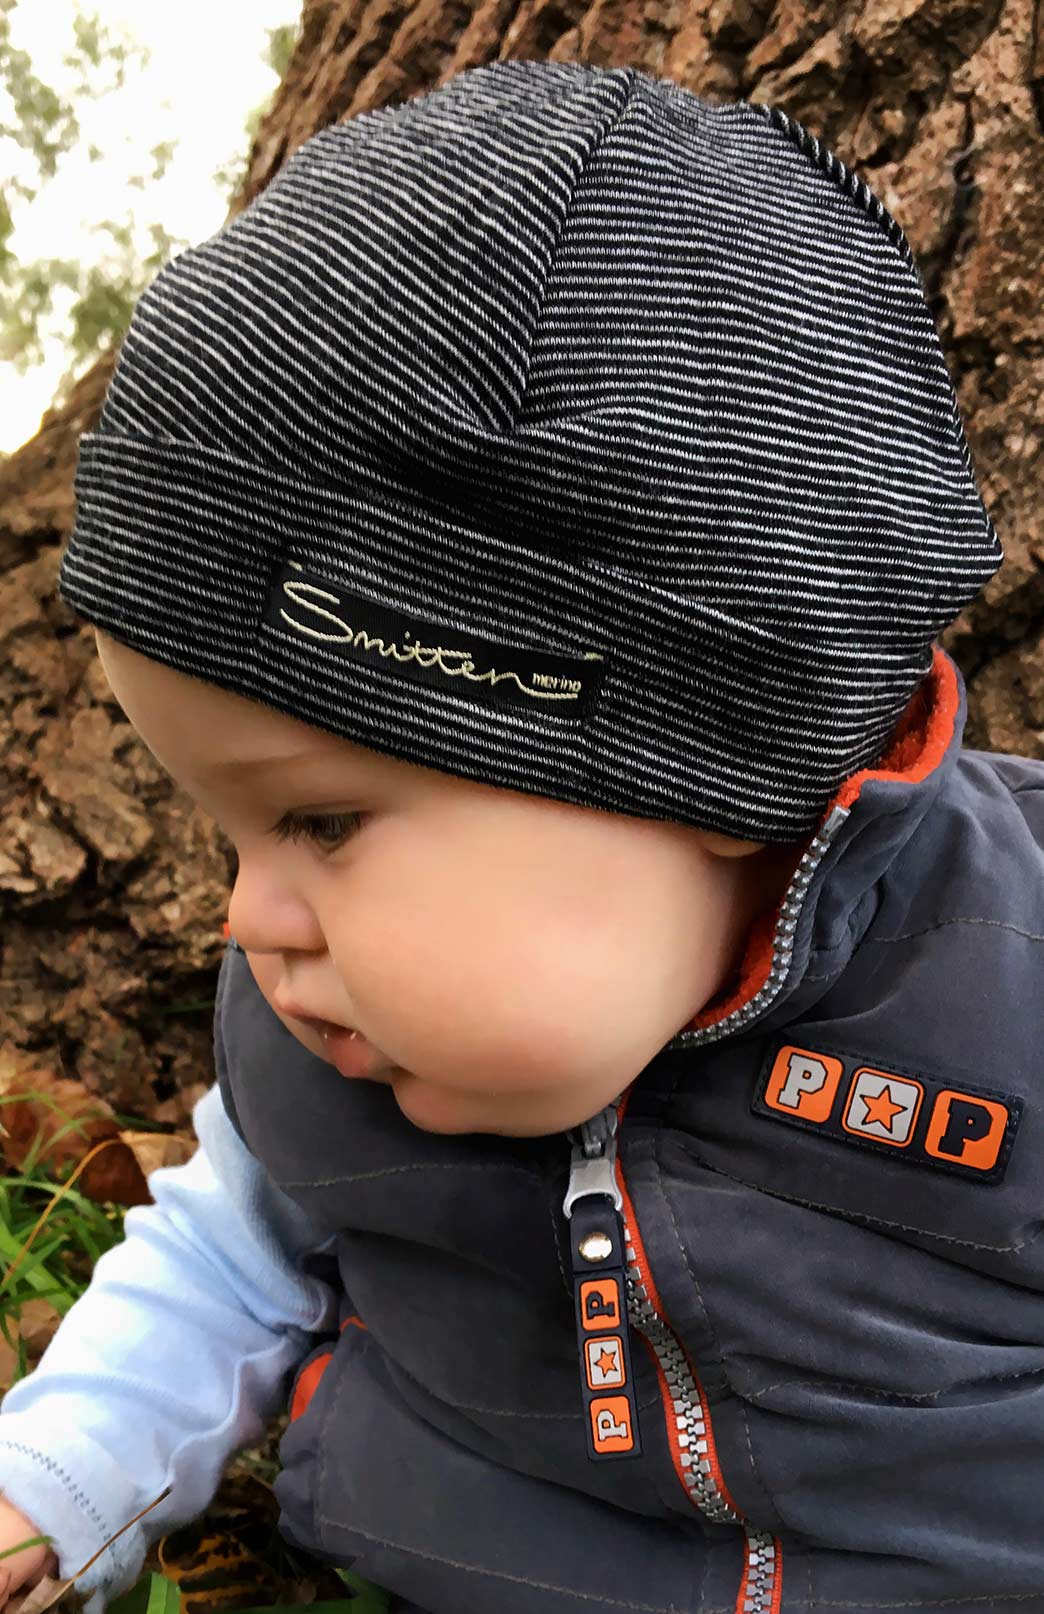 Baby Beanie - Maternity, Newborn & Baby Merino Wool Beanie - Smitten Merino Tasmania Australia